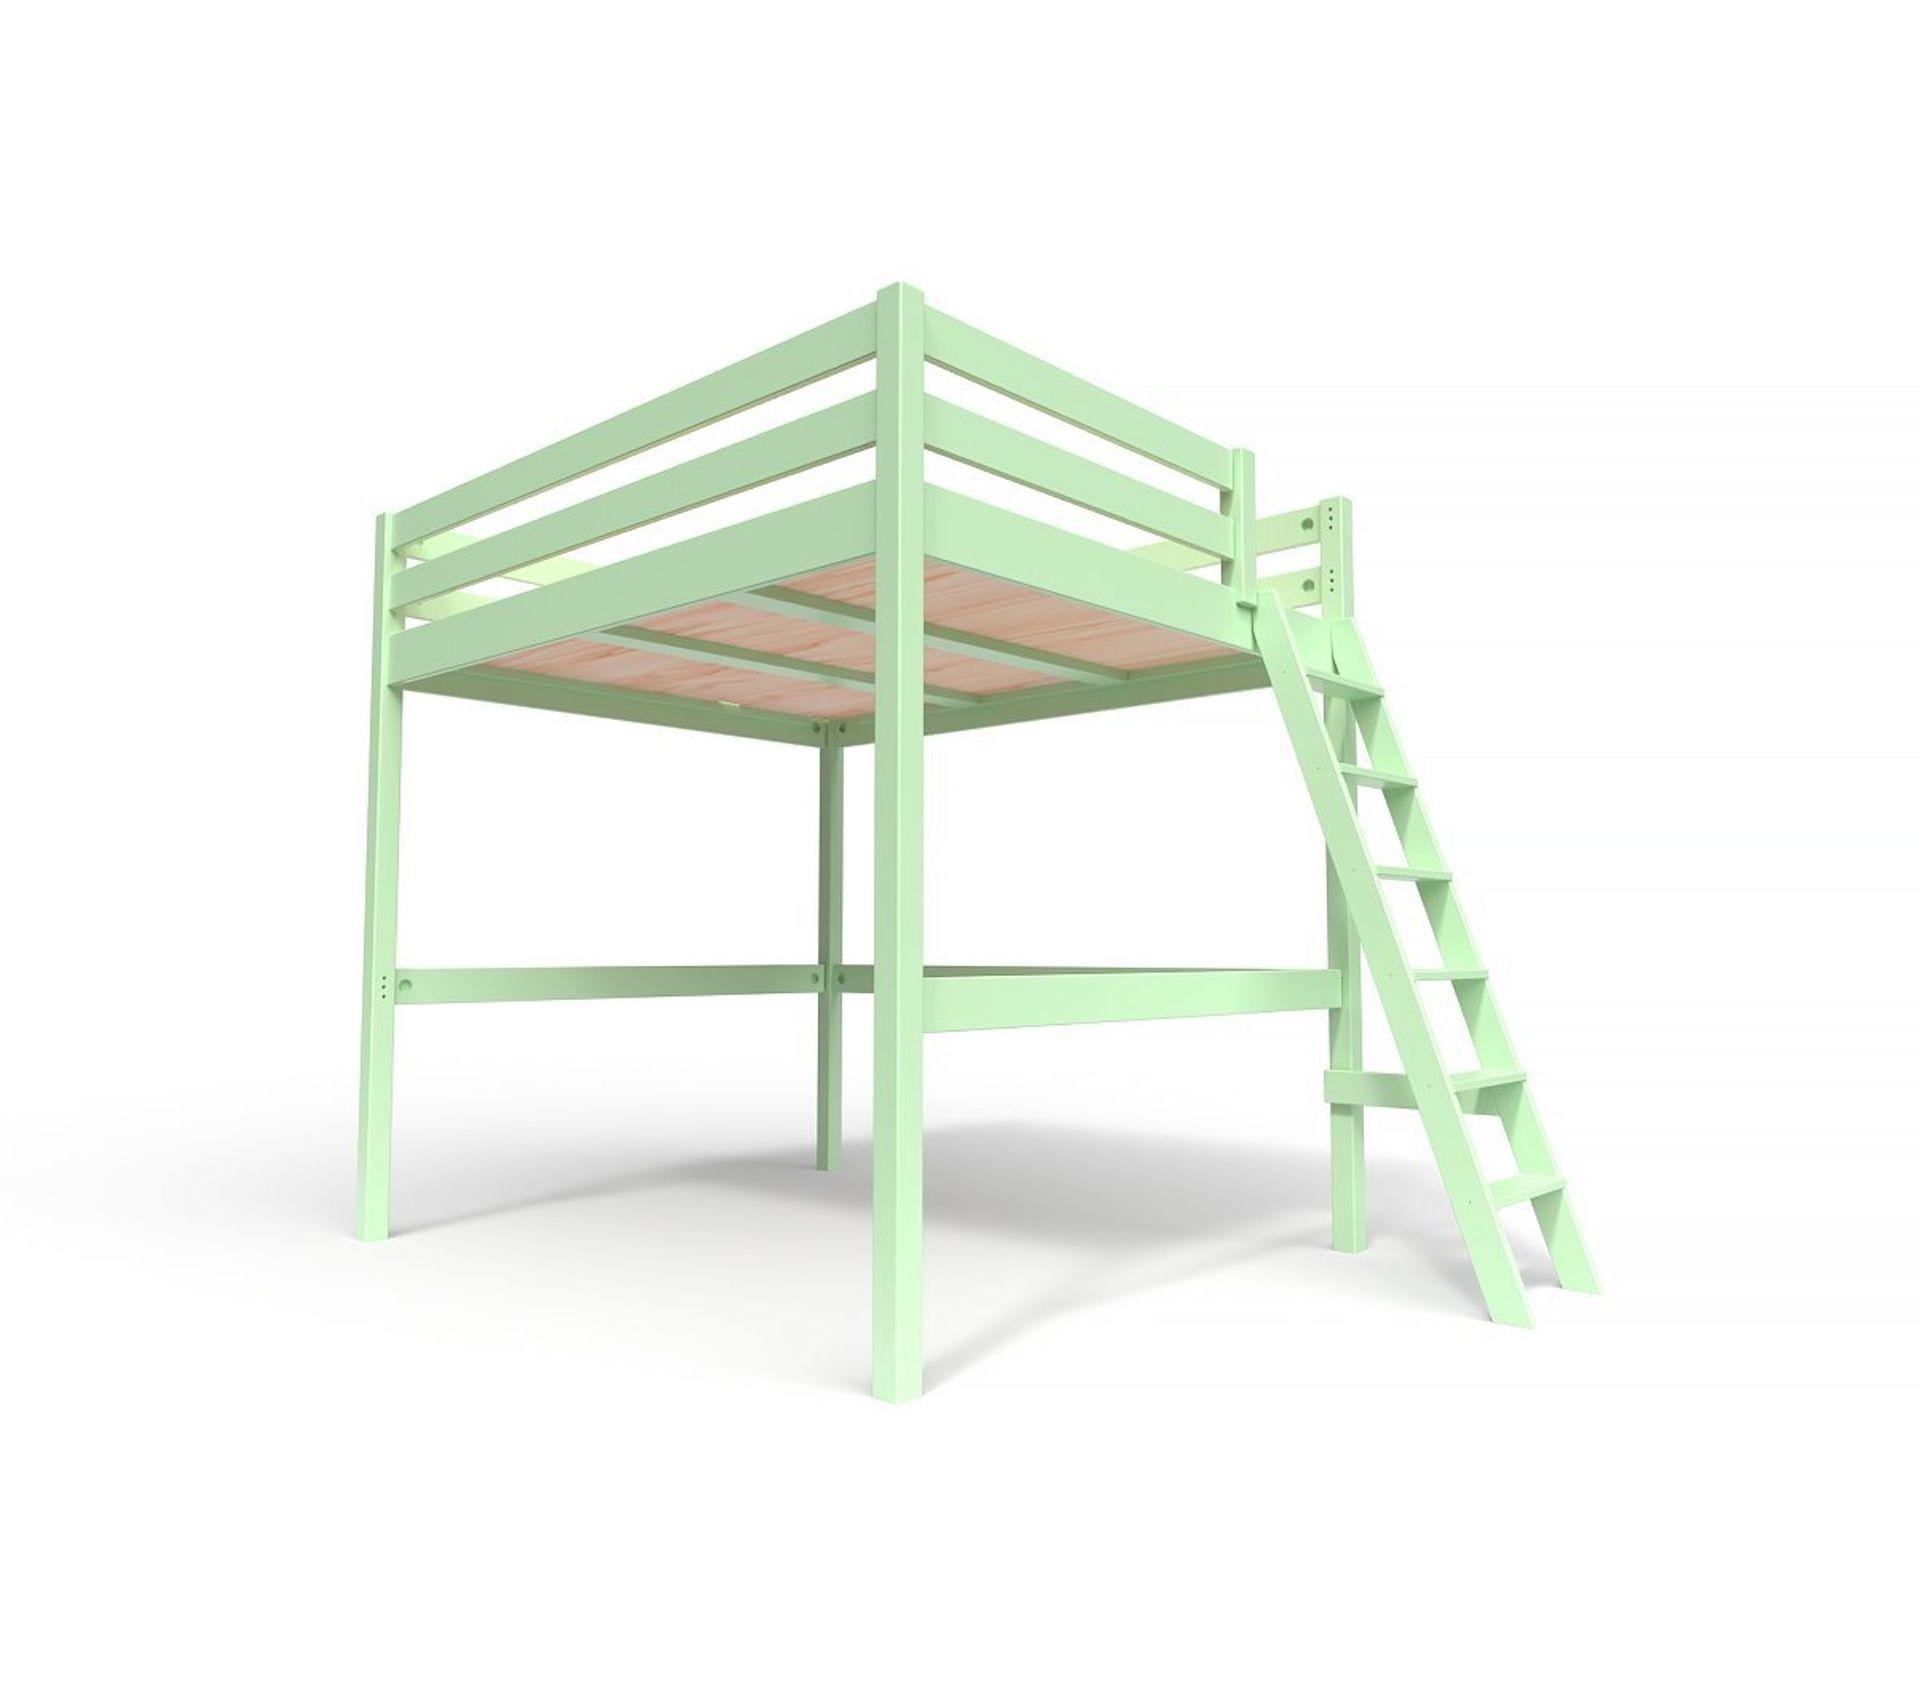 lit mezzanine sylvia avec Échelle bois couleur vert